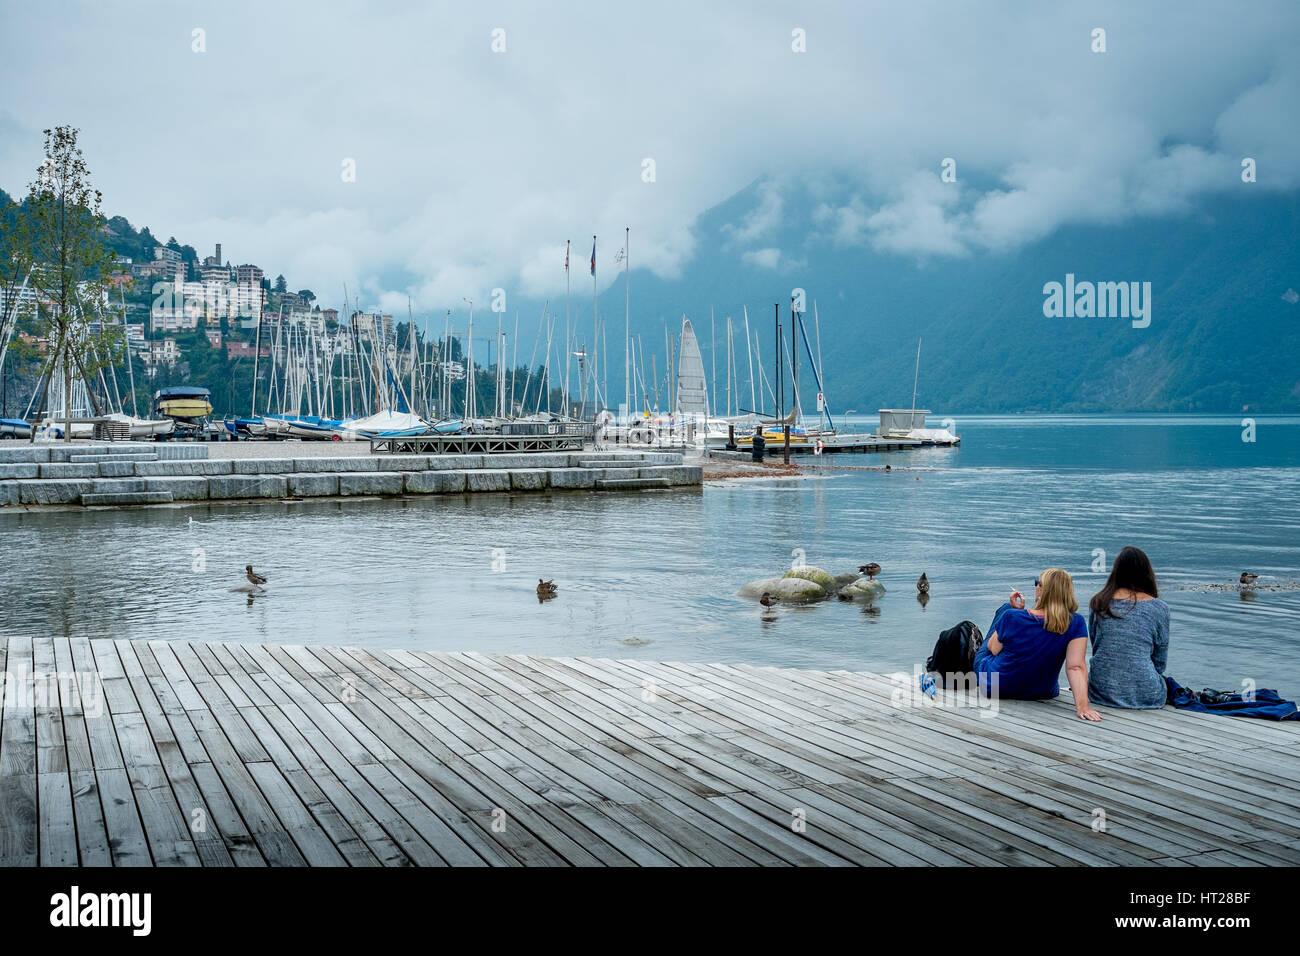 Dos chicas disfrutar de las tranquilas aguas del lago de Lugano, Suiza. Imagen De Stock